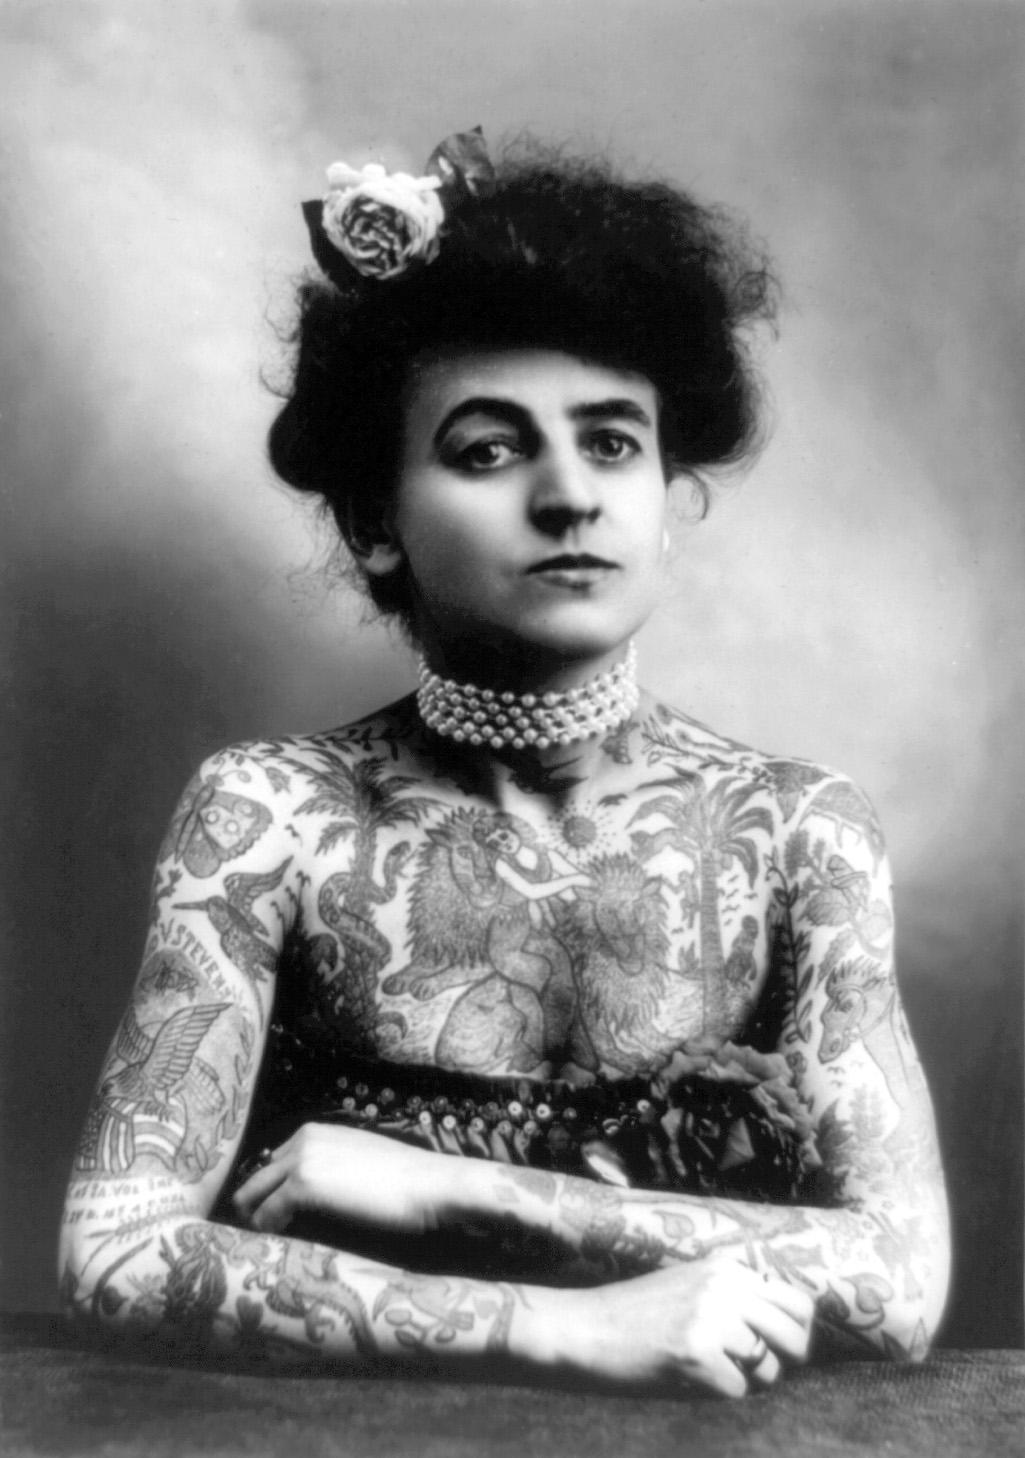 Mulher tatuada no início do século XX: na época, era motivo de tumulto.